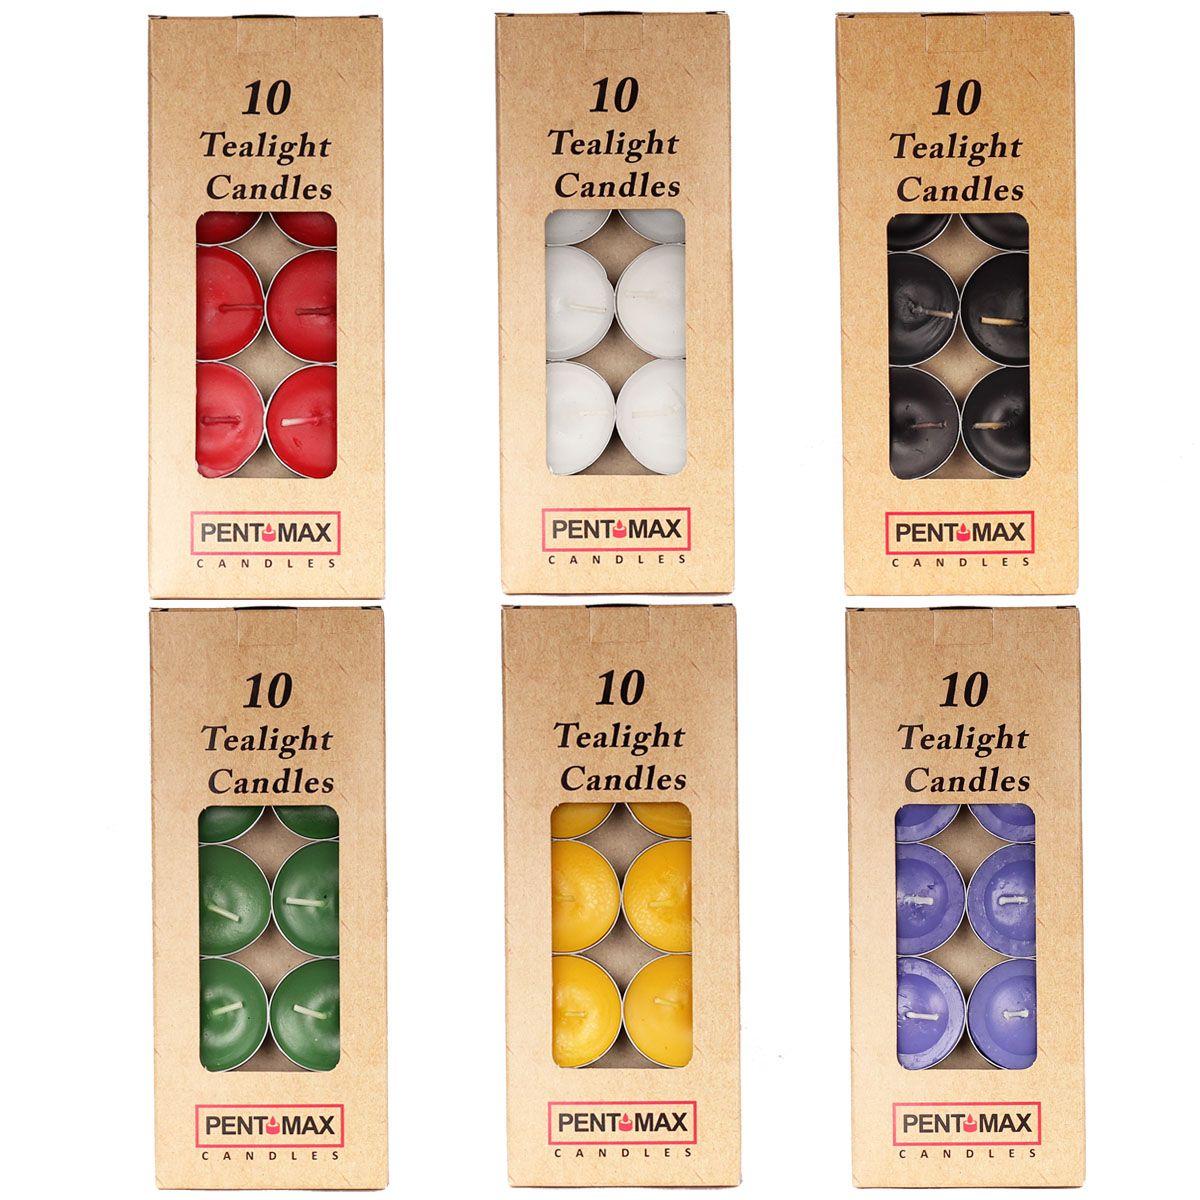 شمع وارمر پنت مکس مدل TeaLight بسته 10 عددی main 1 1